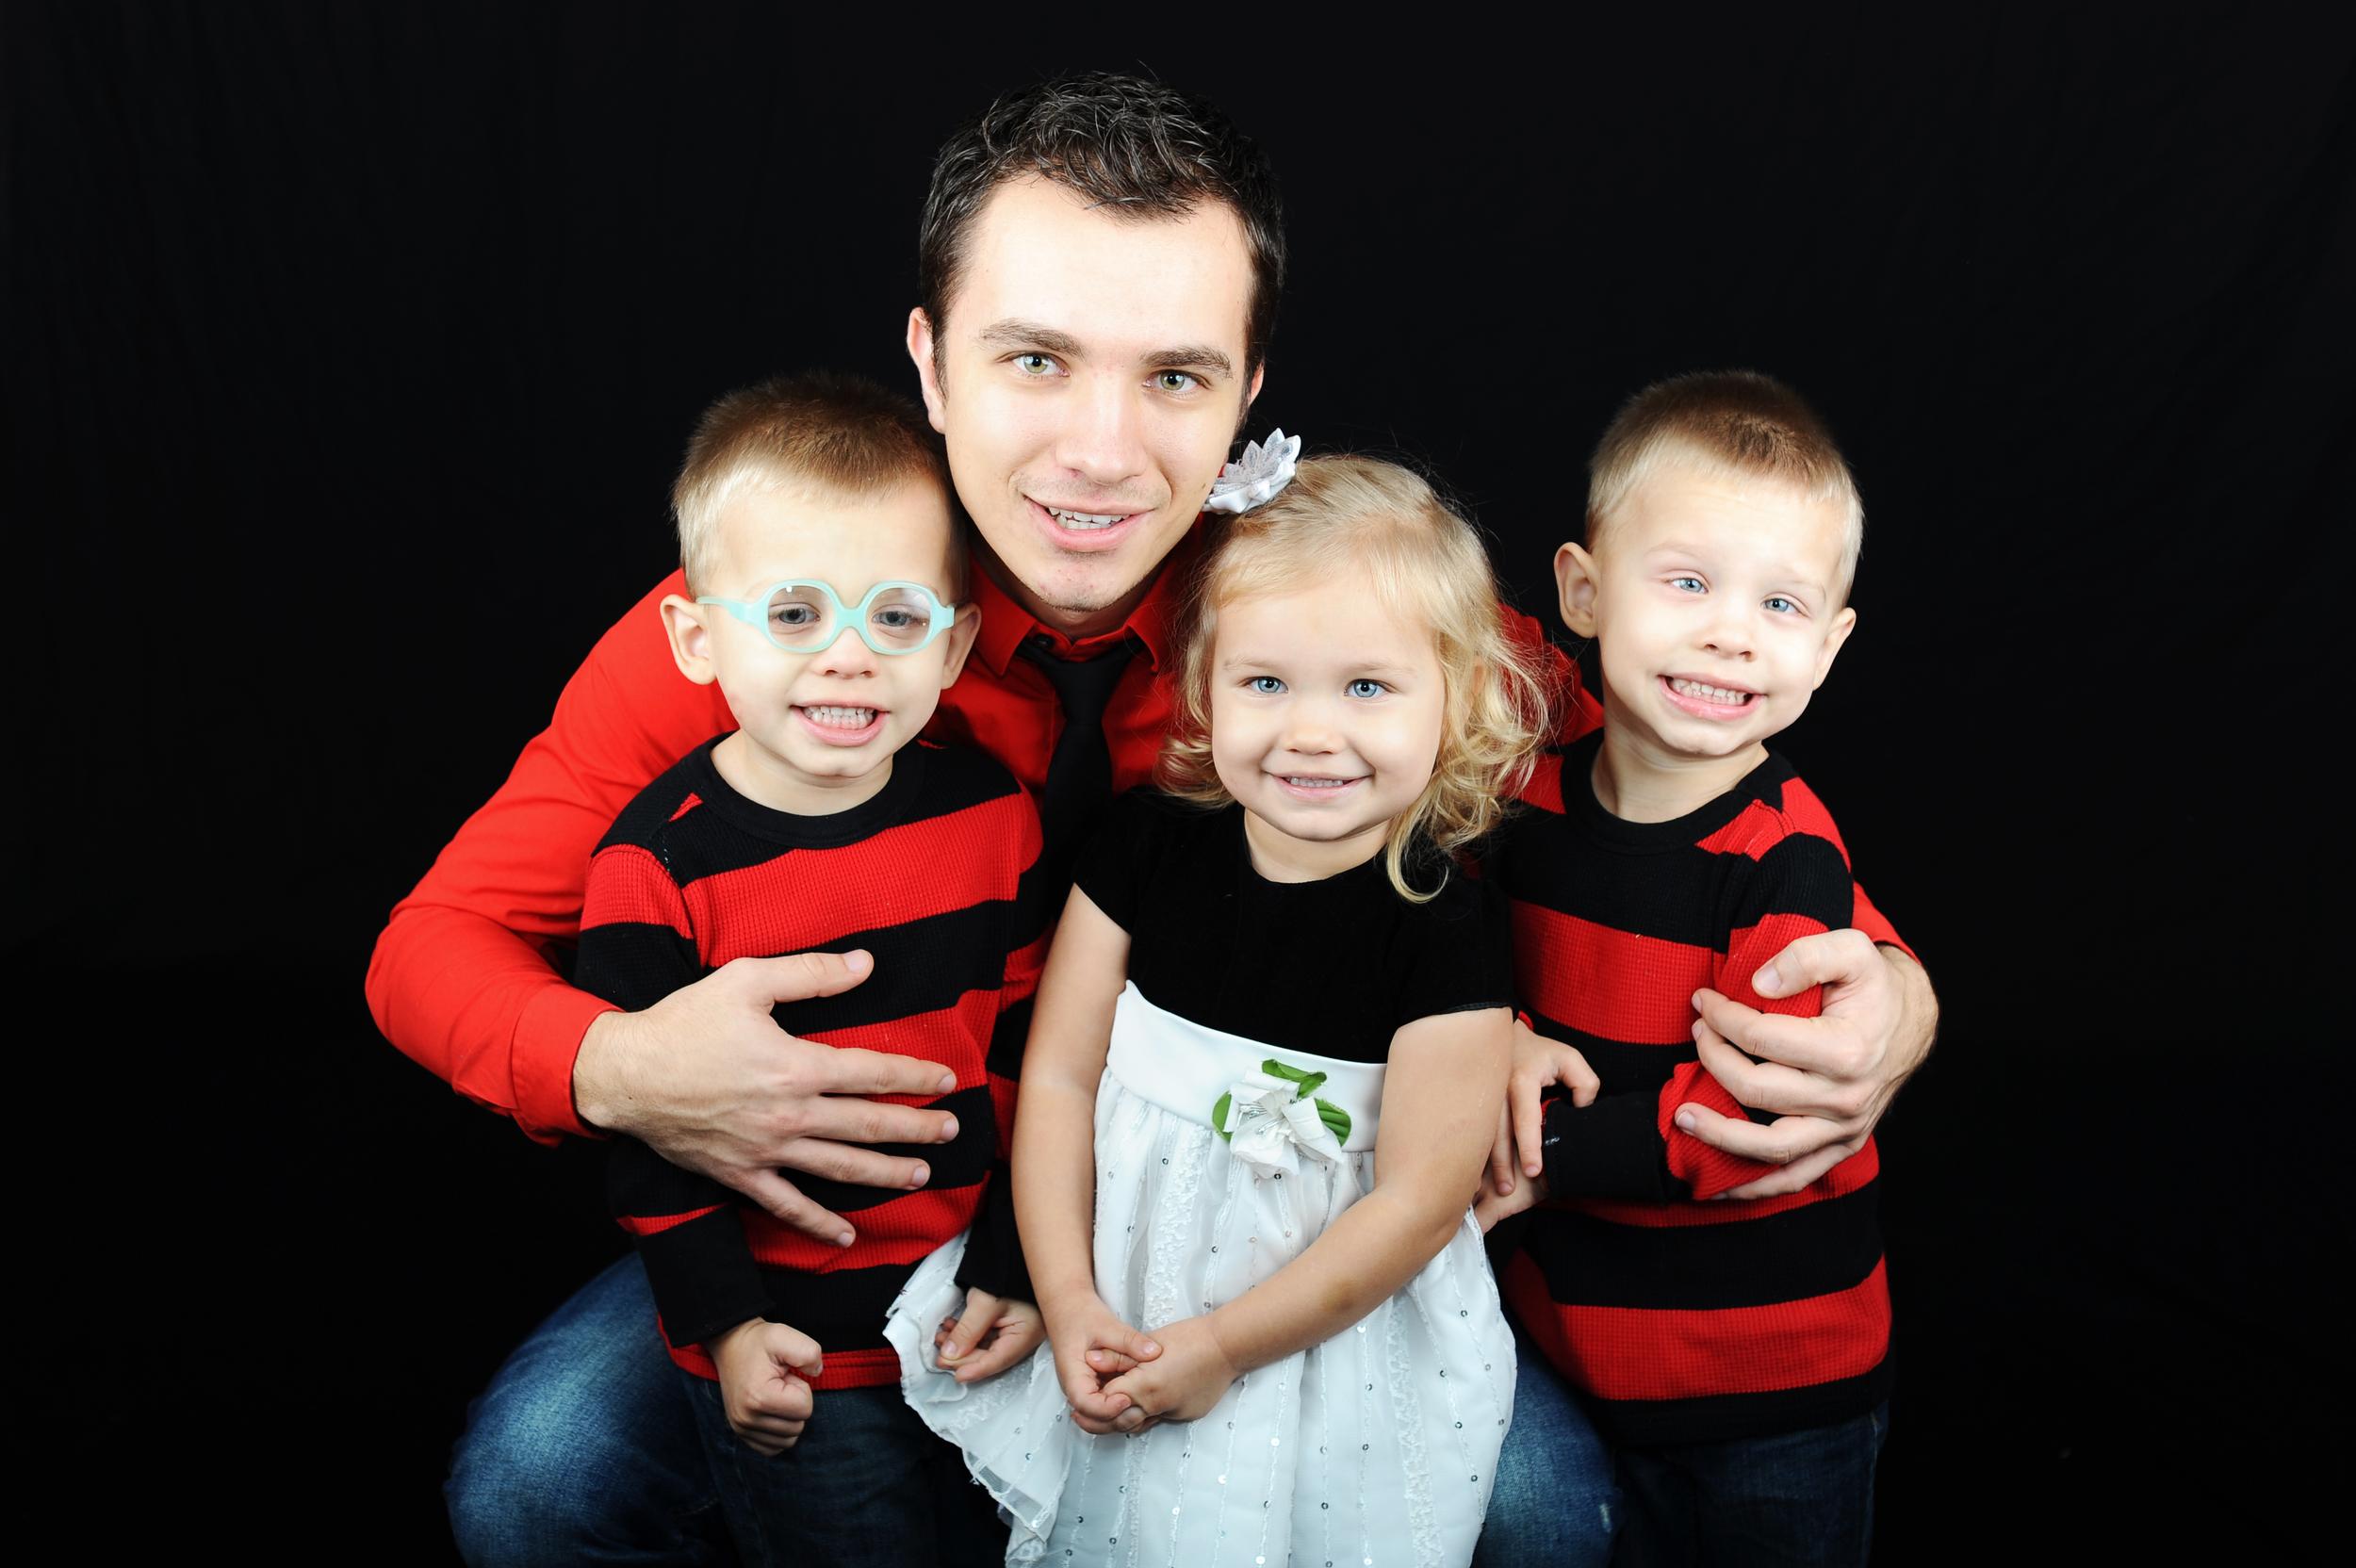 Family serg-102.jpg